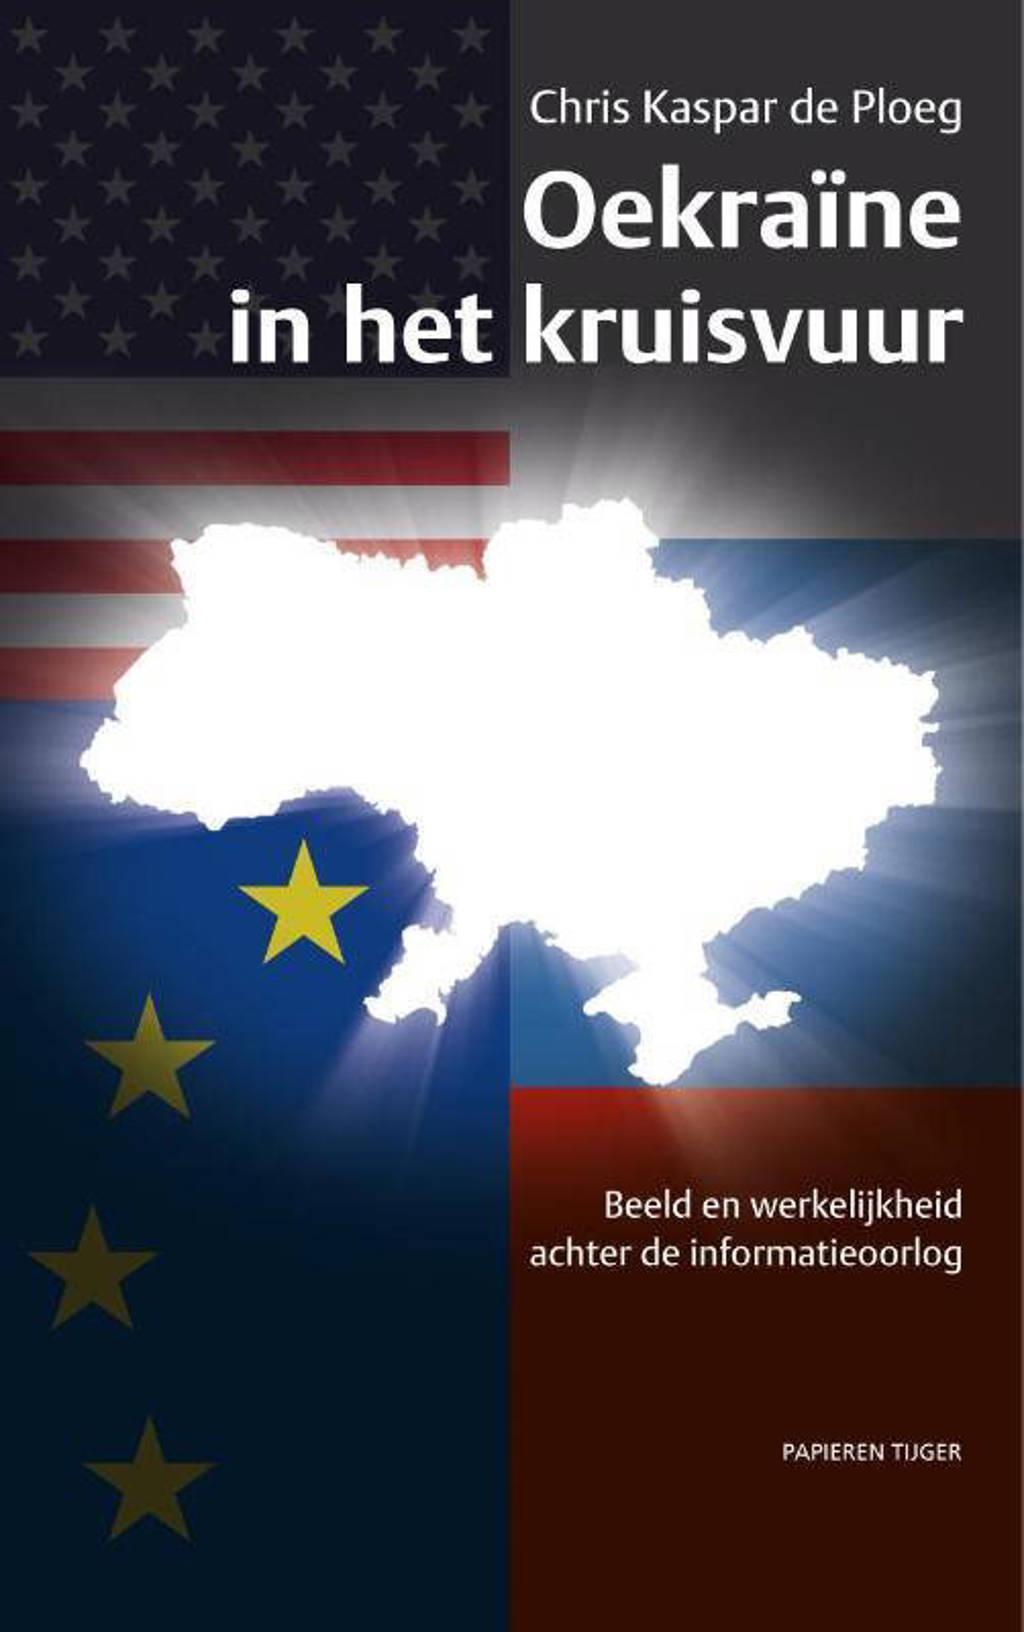 Oekraïne in het kruisvuur - Chris Kaspar de Ploeg